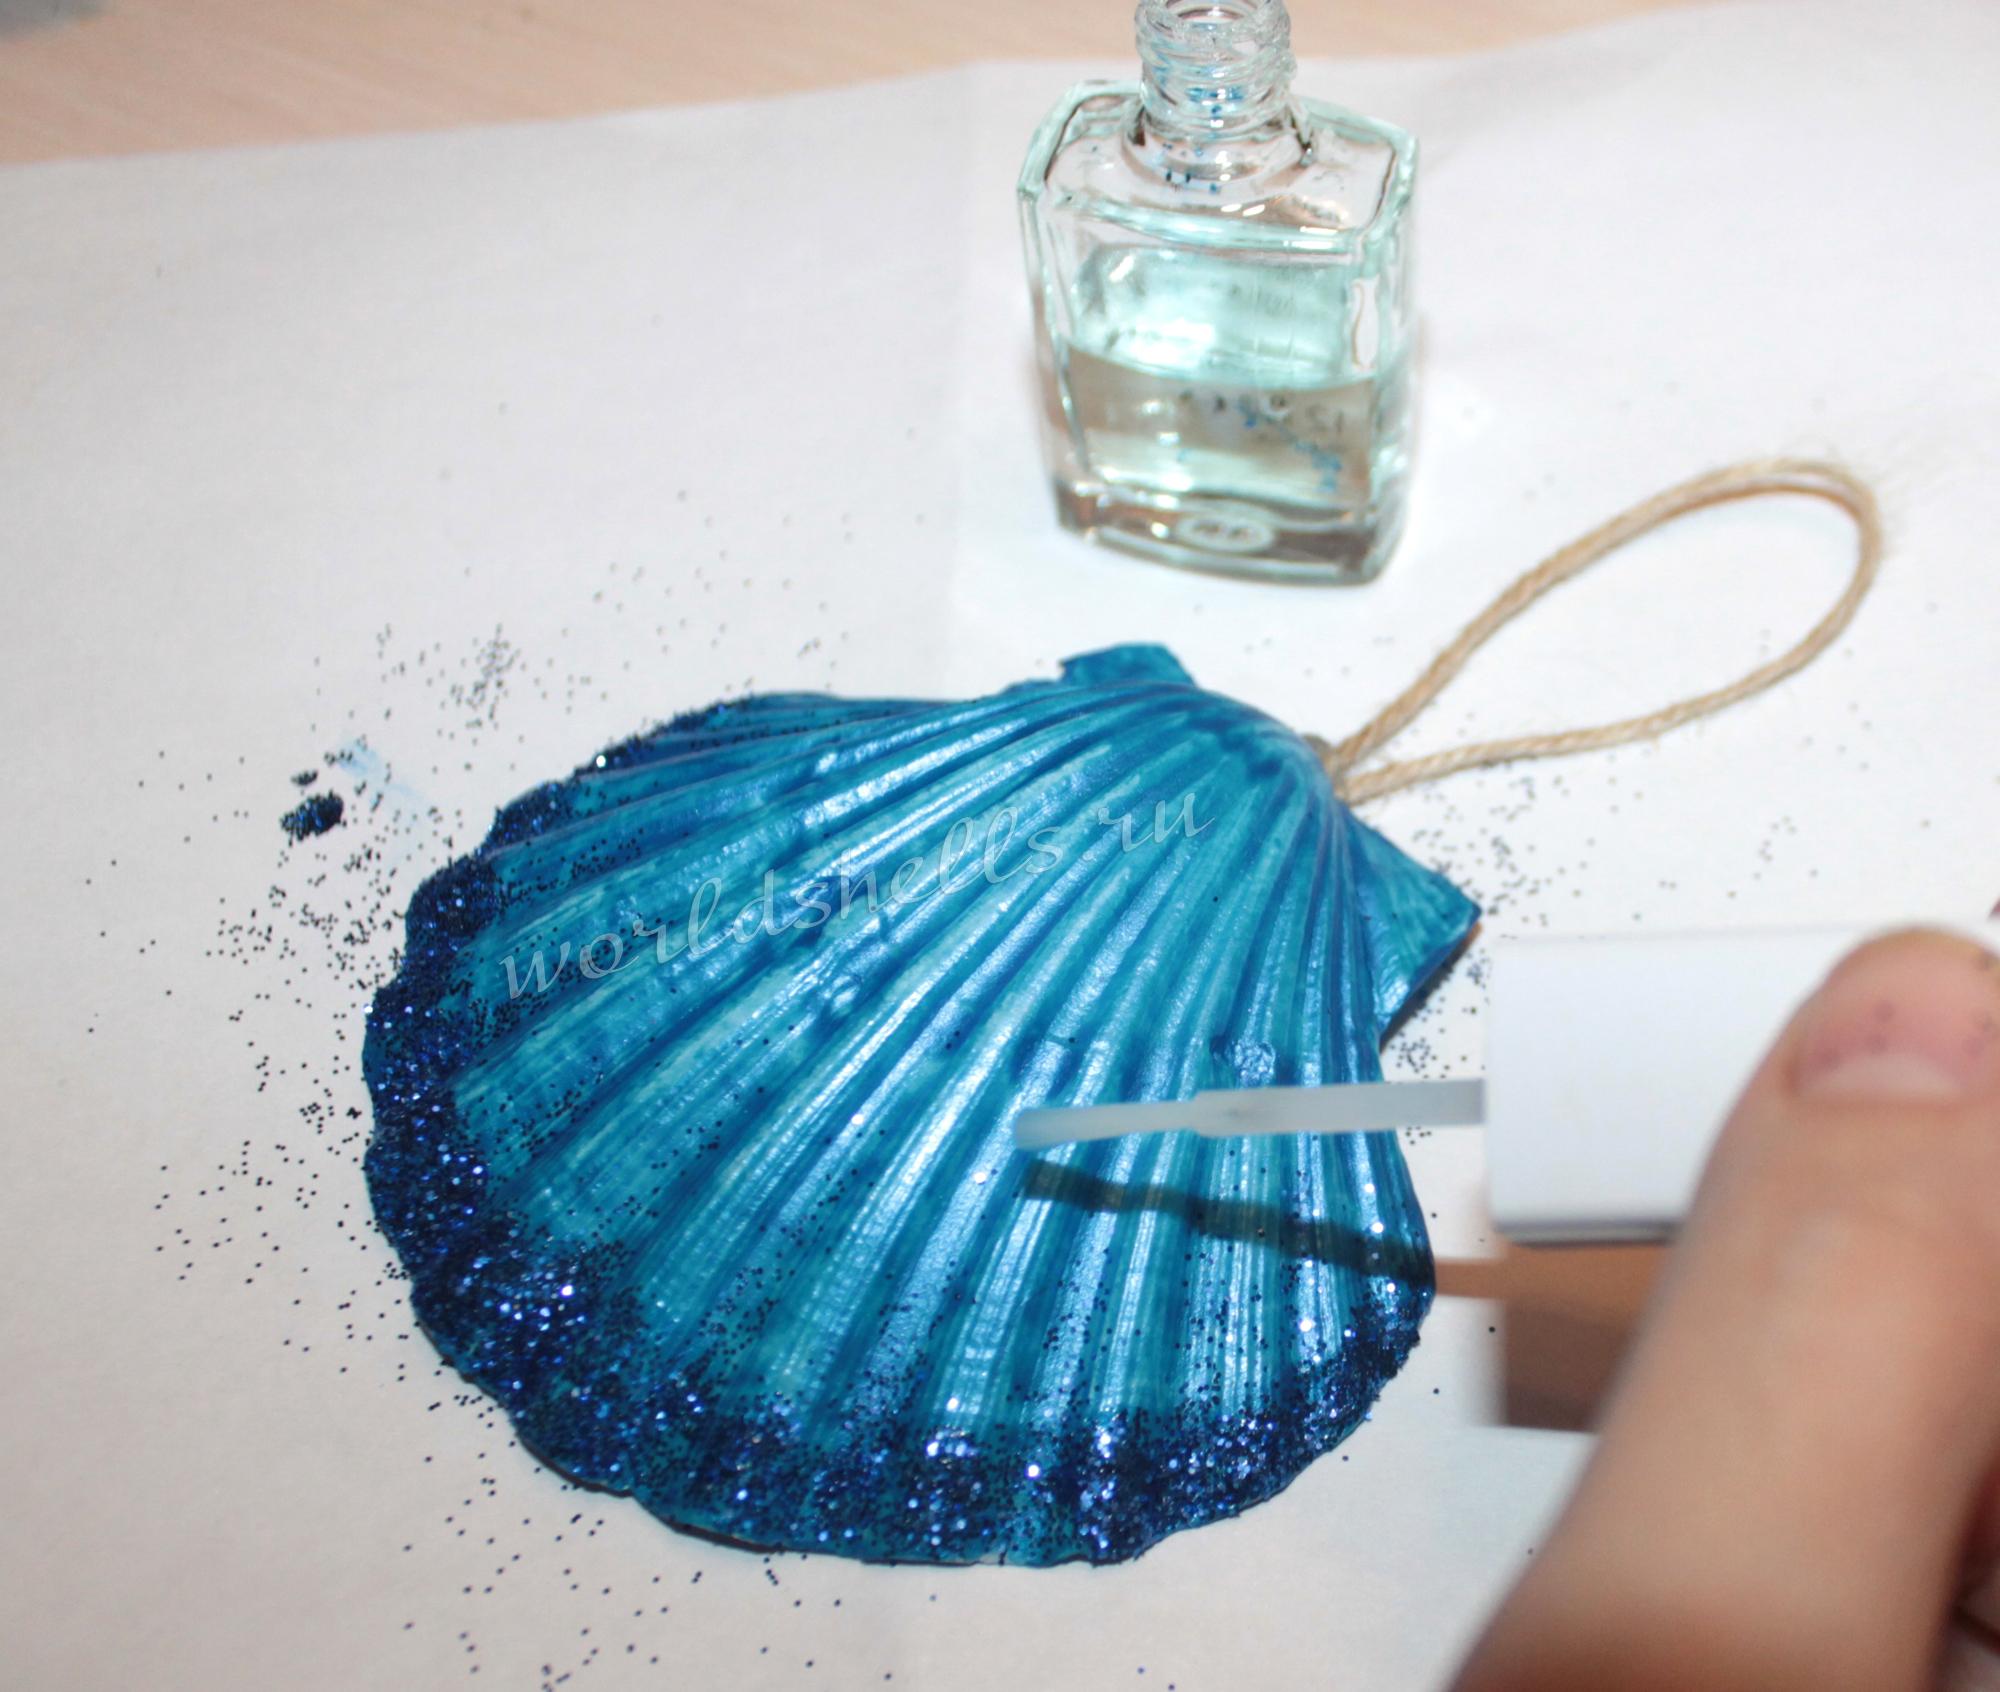 Наносим лак для ногтей на морскую ракушку